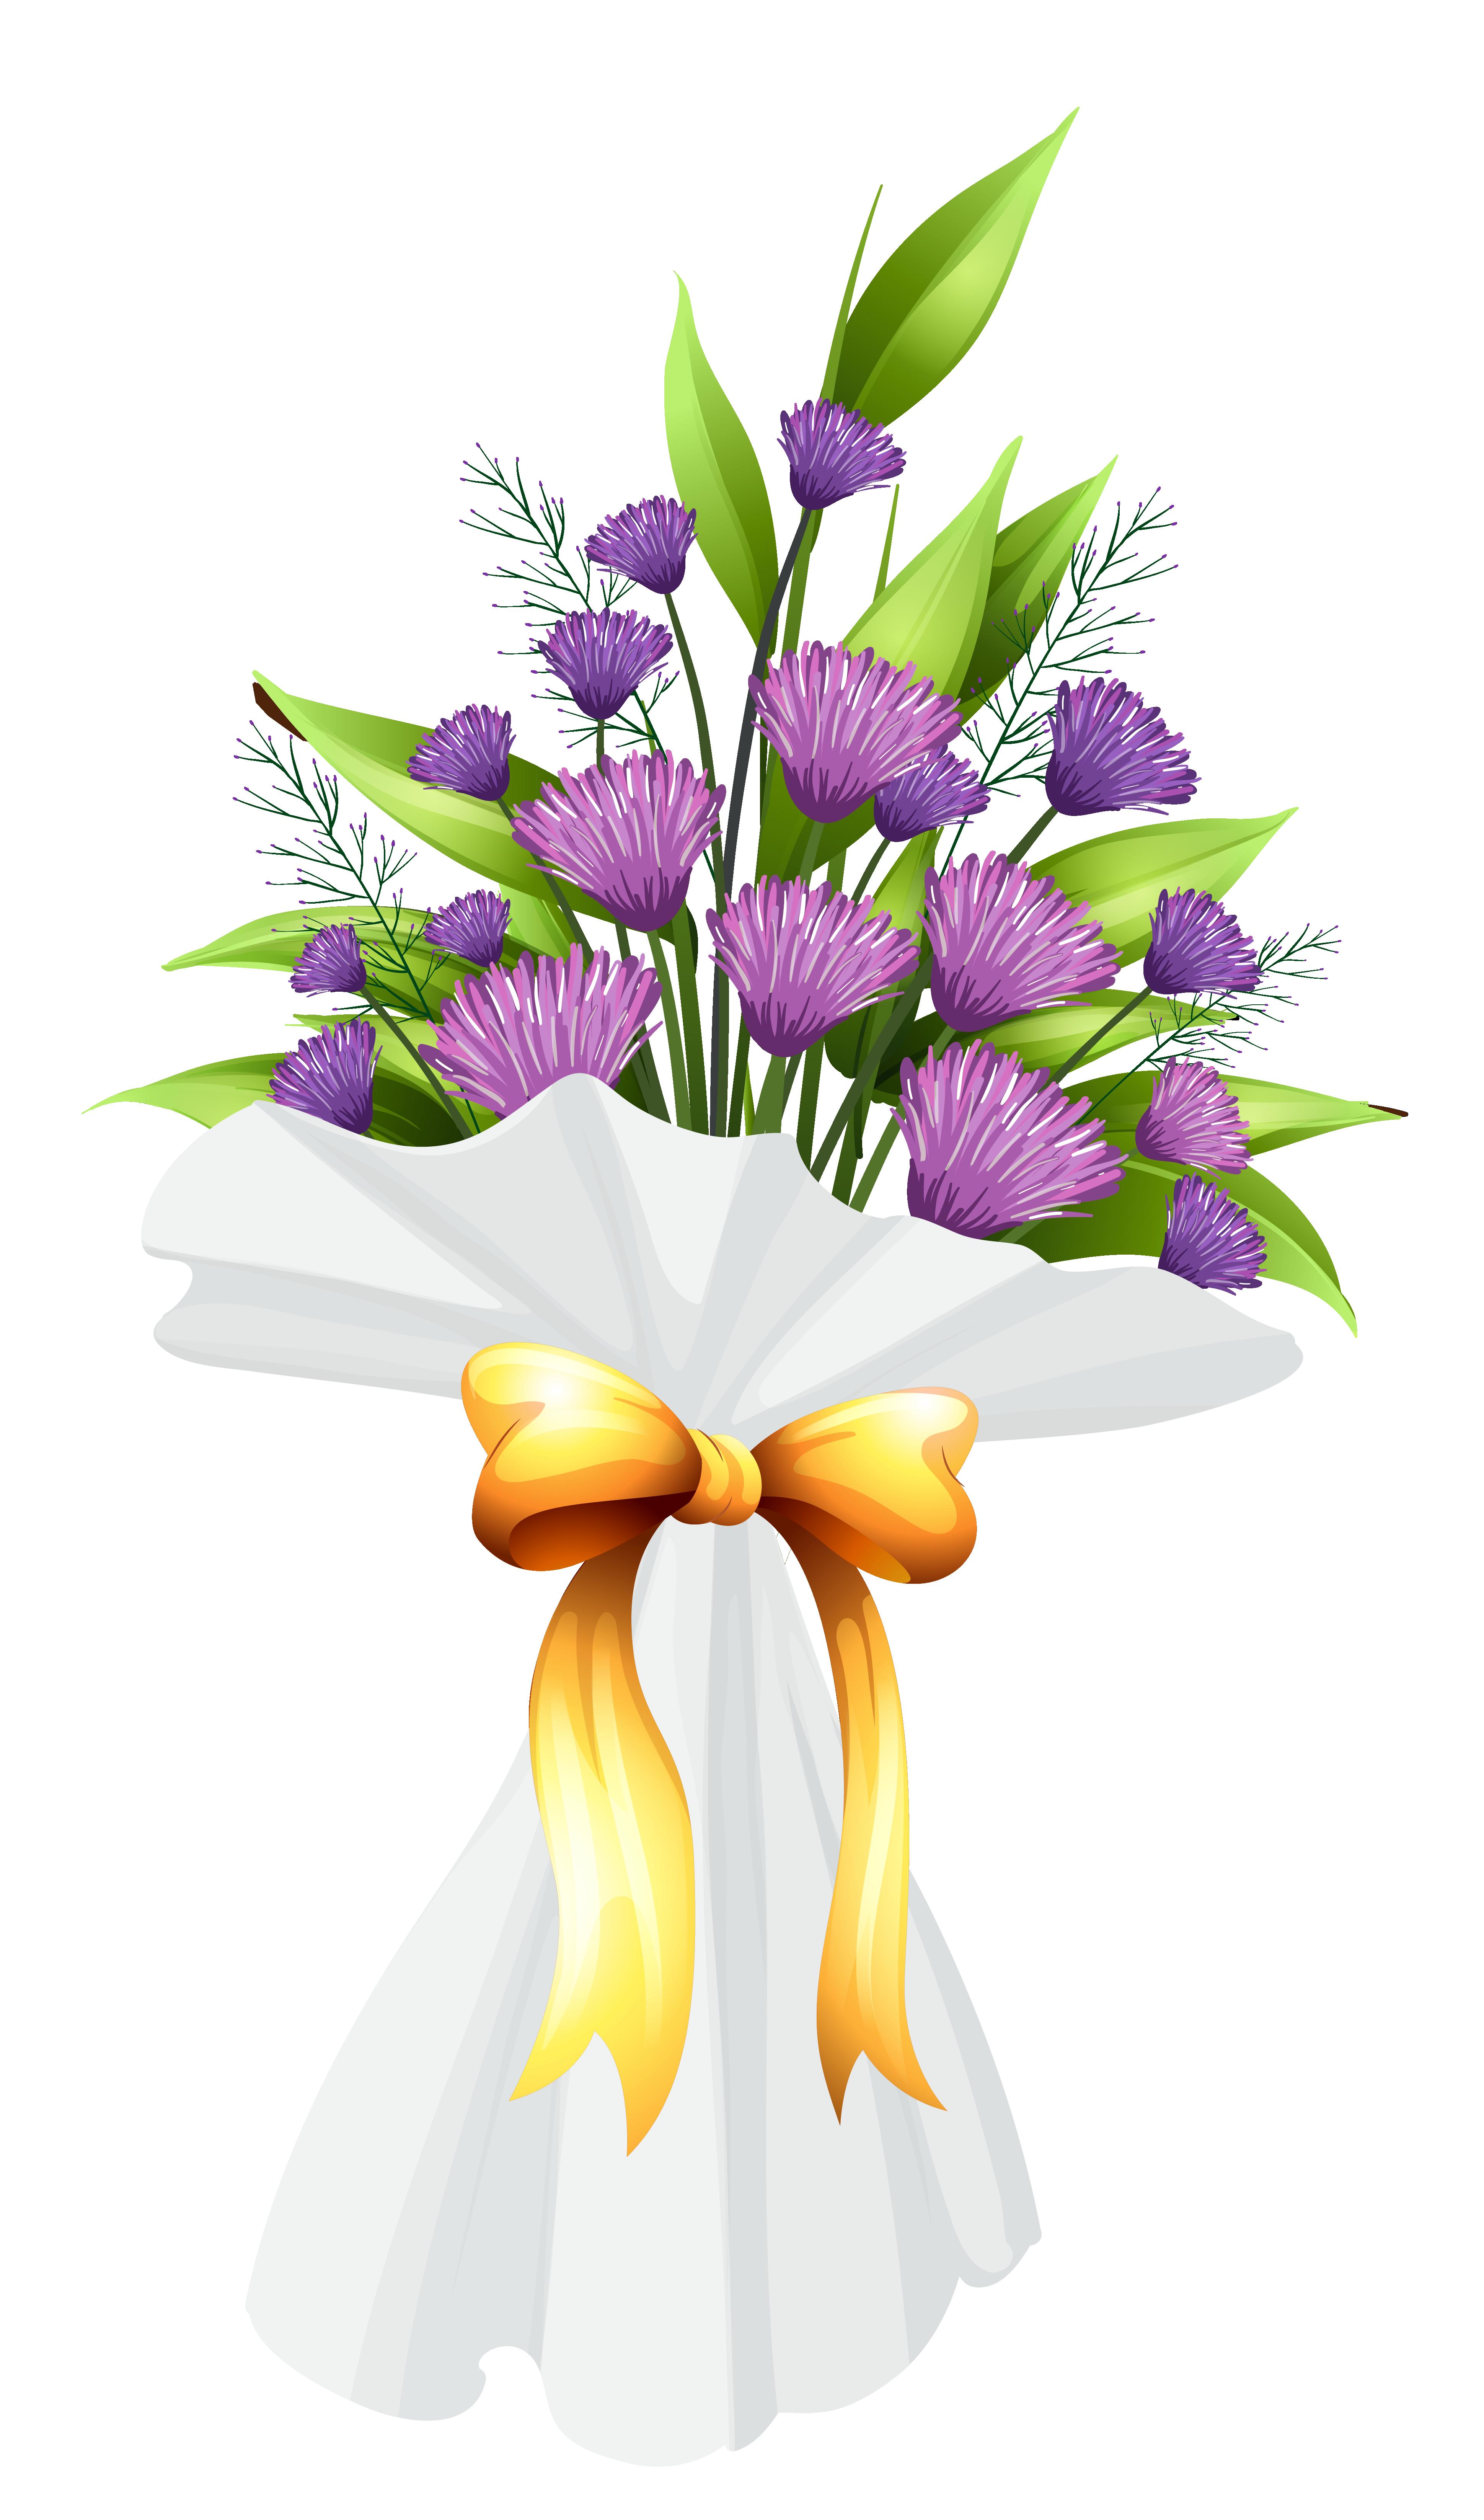 transparent stock Lily clipart flower bouquet. Purple flowers png image.